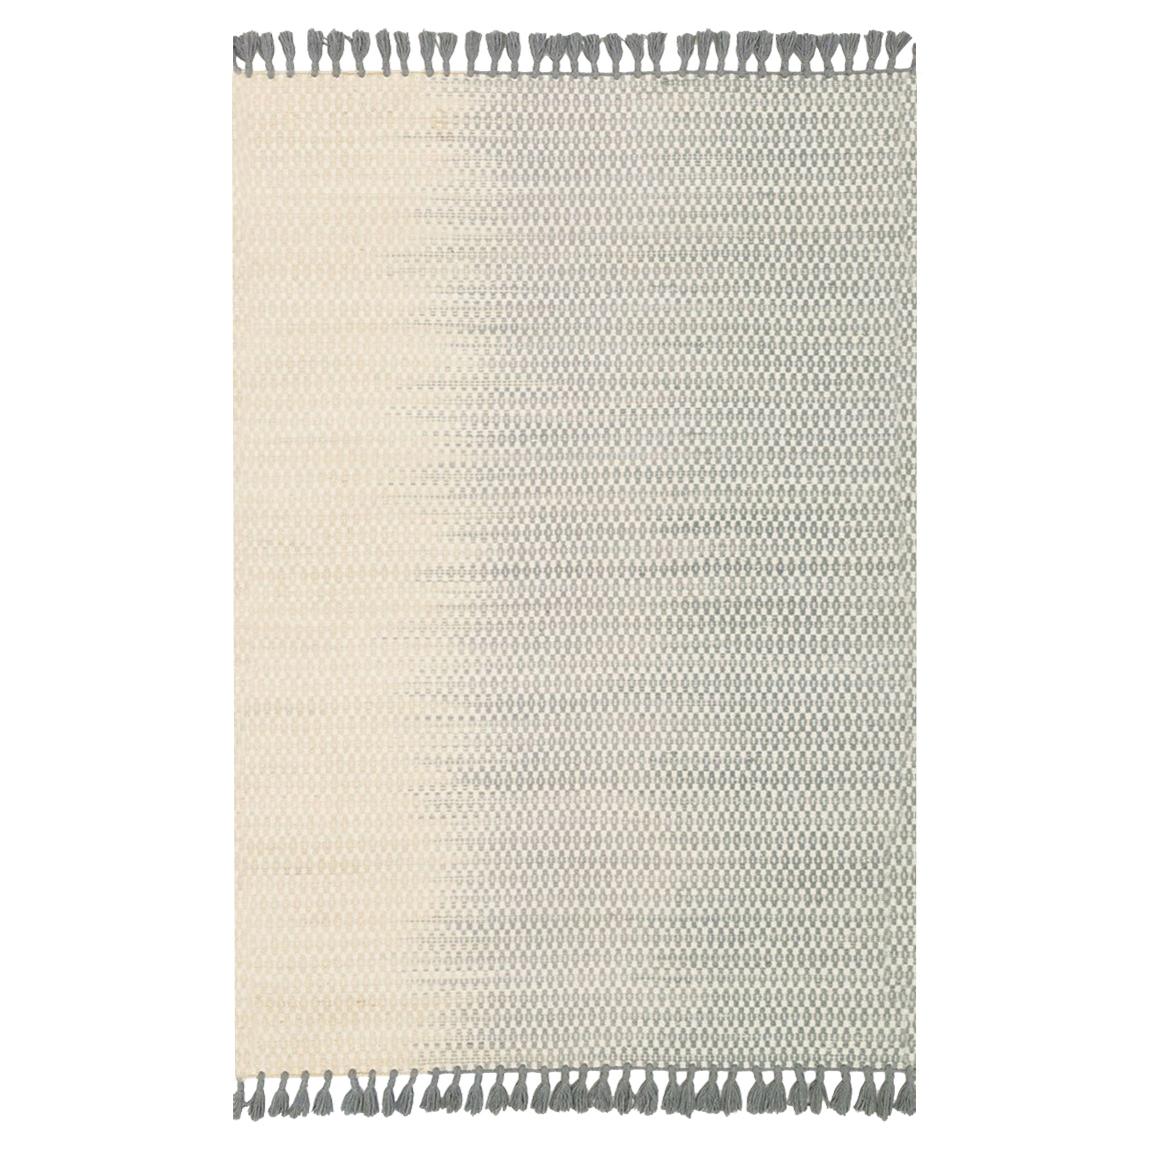 Ombre Bazaar Fade Ivory Grey Wool Rug - 7'9x9'9